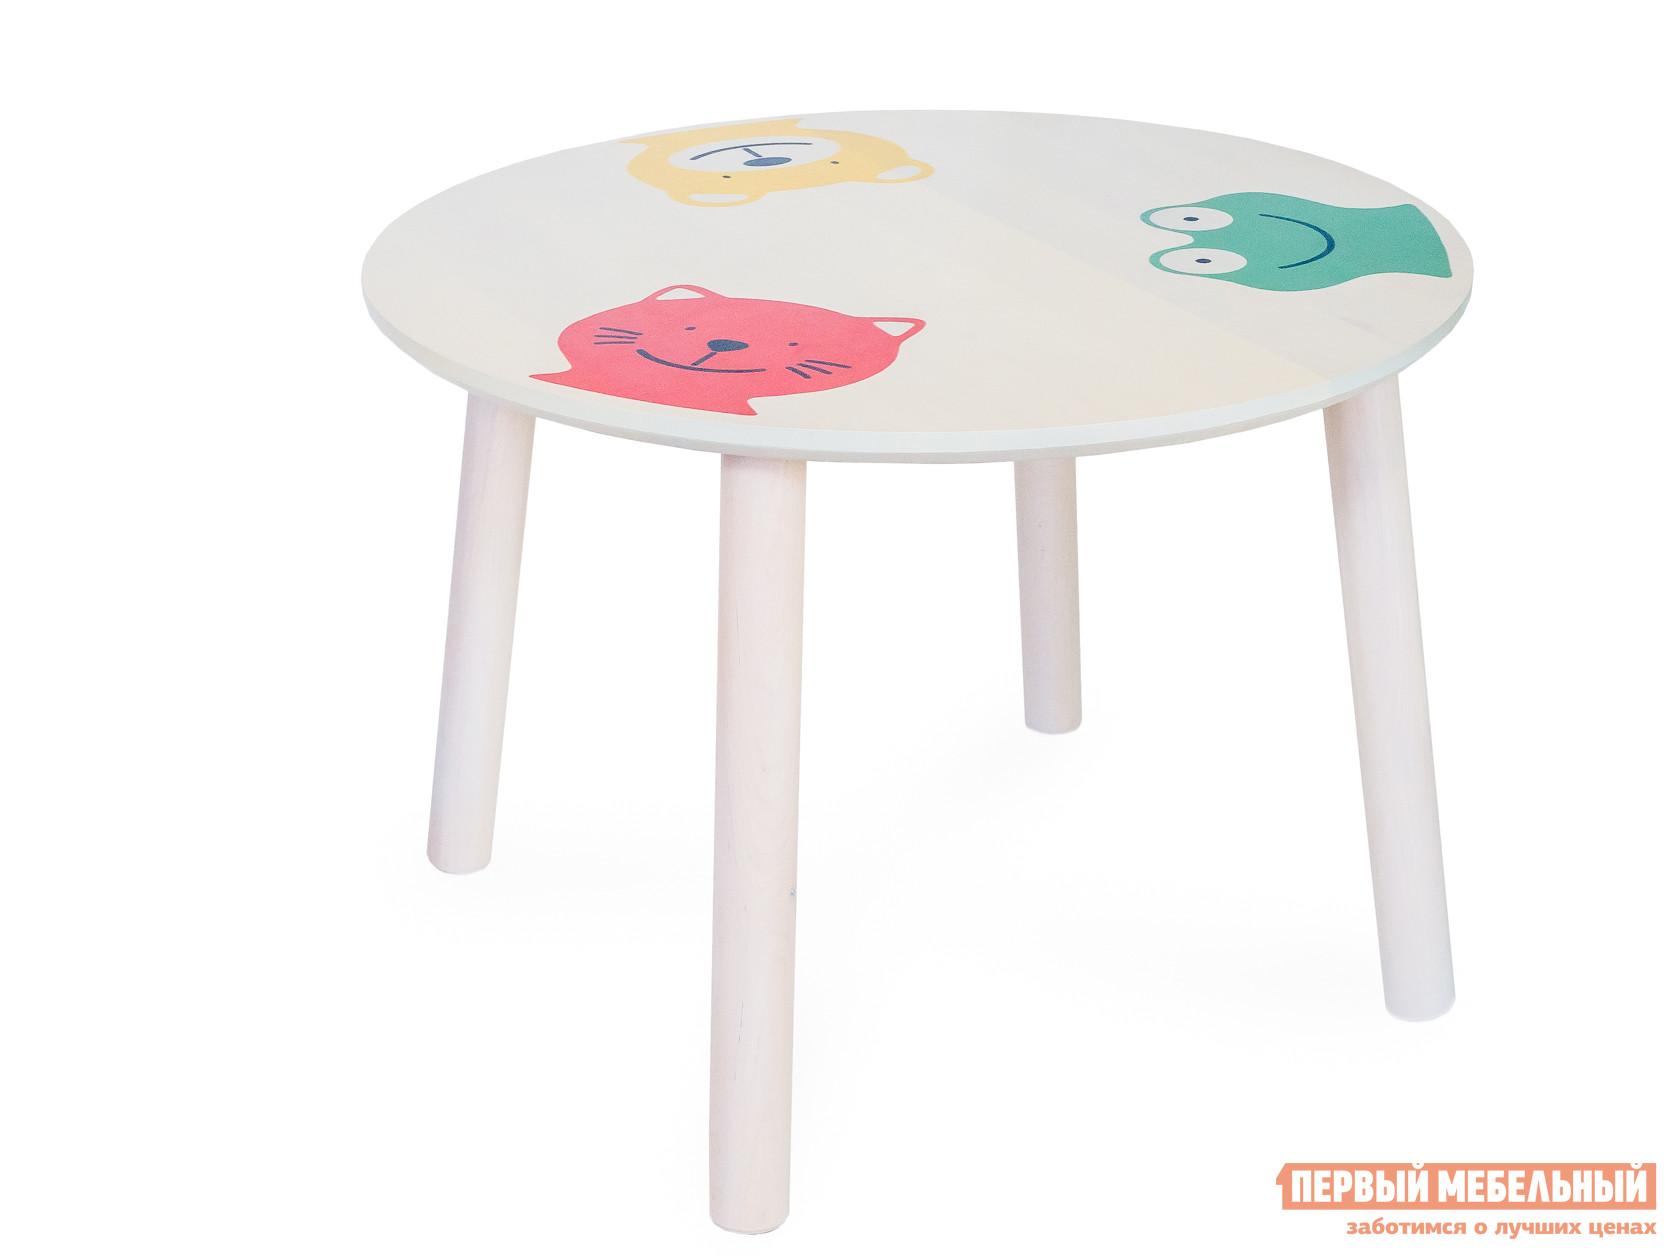 Фото Столик и стульчик Боровичи Стол круглый детский Выбеленная береза. Купить с доставкой